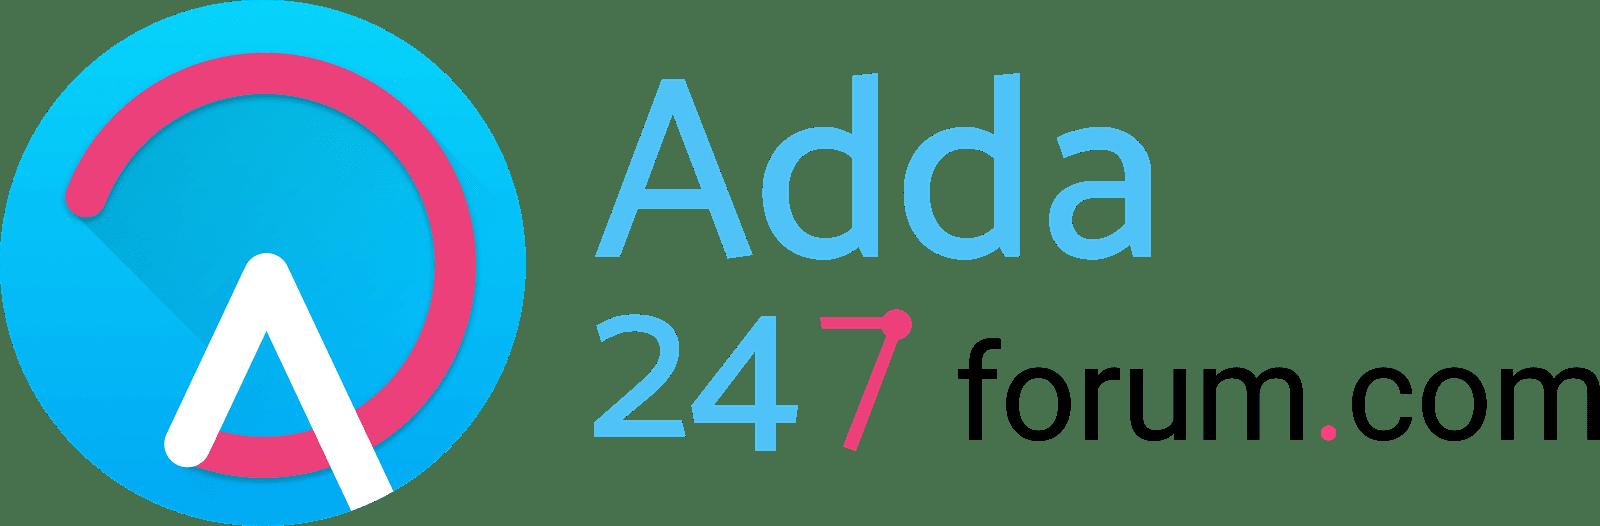 Adda247 Forum